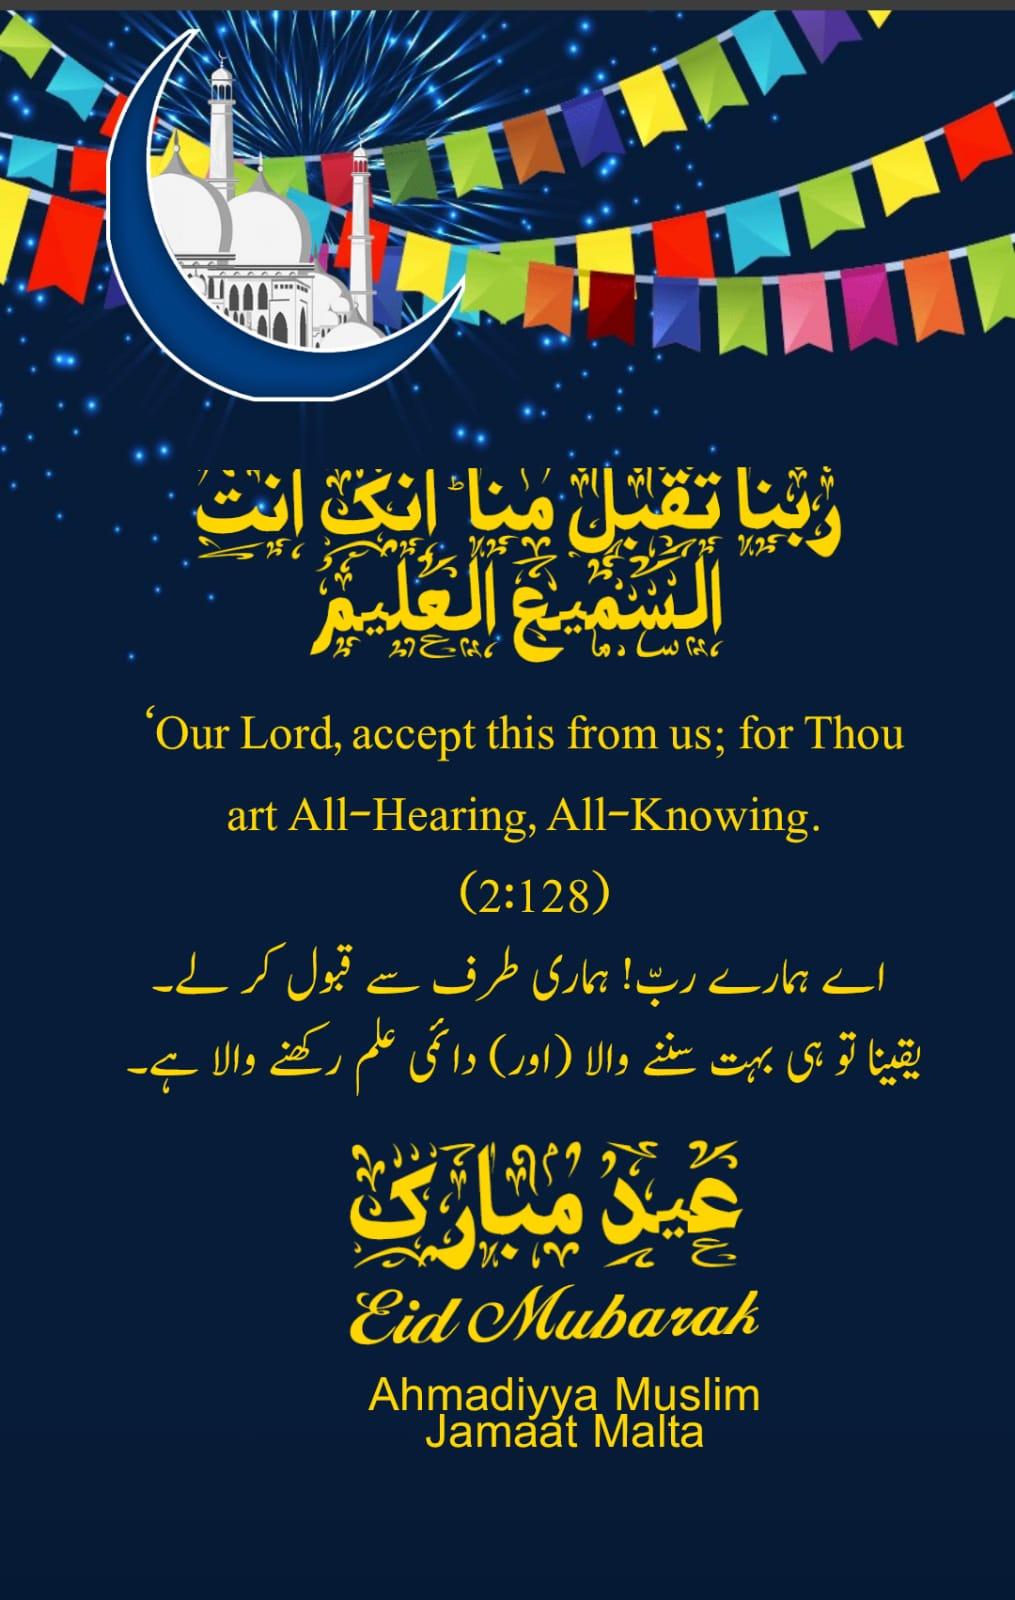 Eid Ul Azha 2020 Mubarak Ahmadiyya Muslim Jamaat Malta